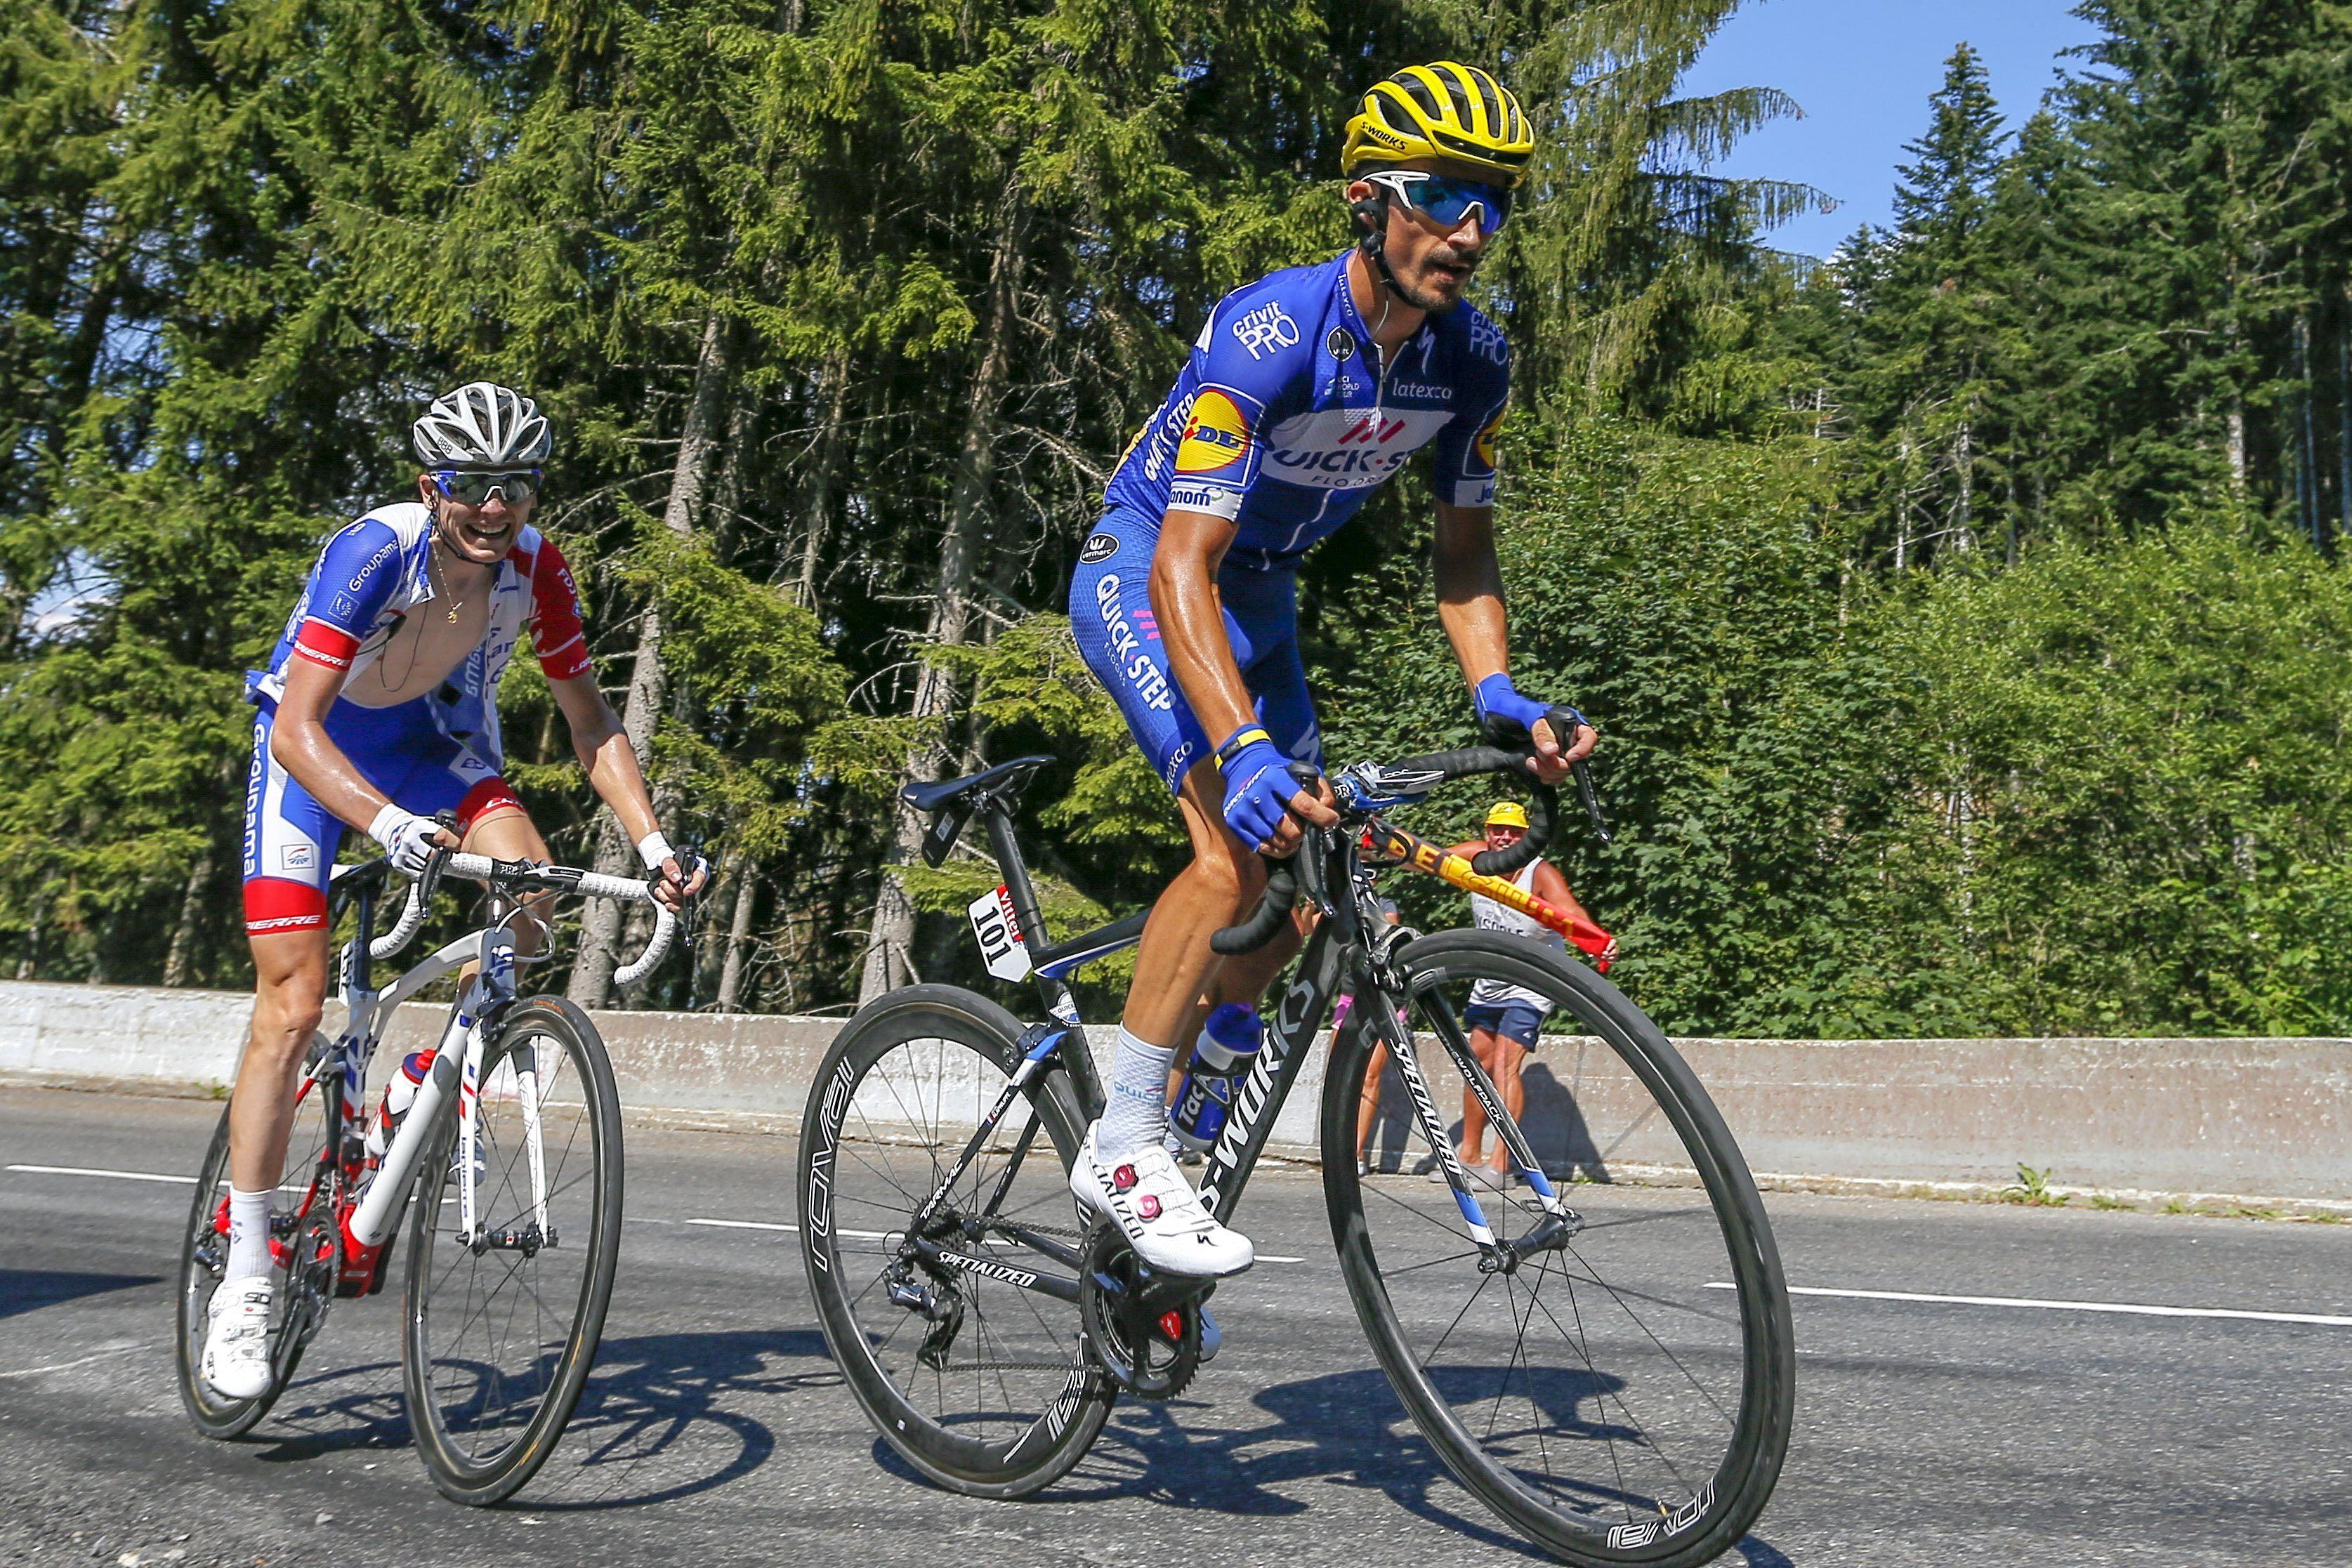 Cyclisme - Mondiaux 2018 : Alaphilippe et les Bleus jouent des coudes dans le groupe des favoris